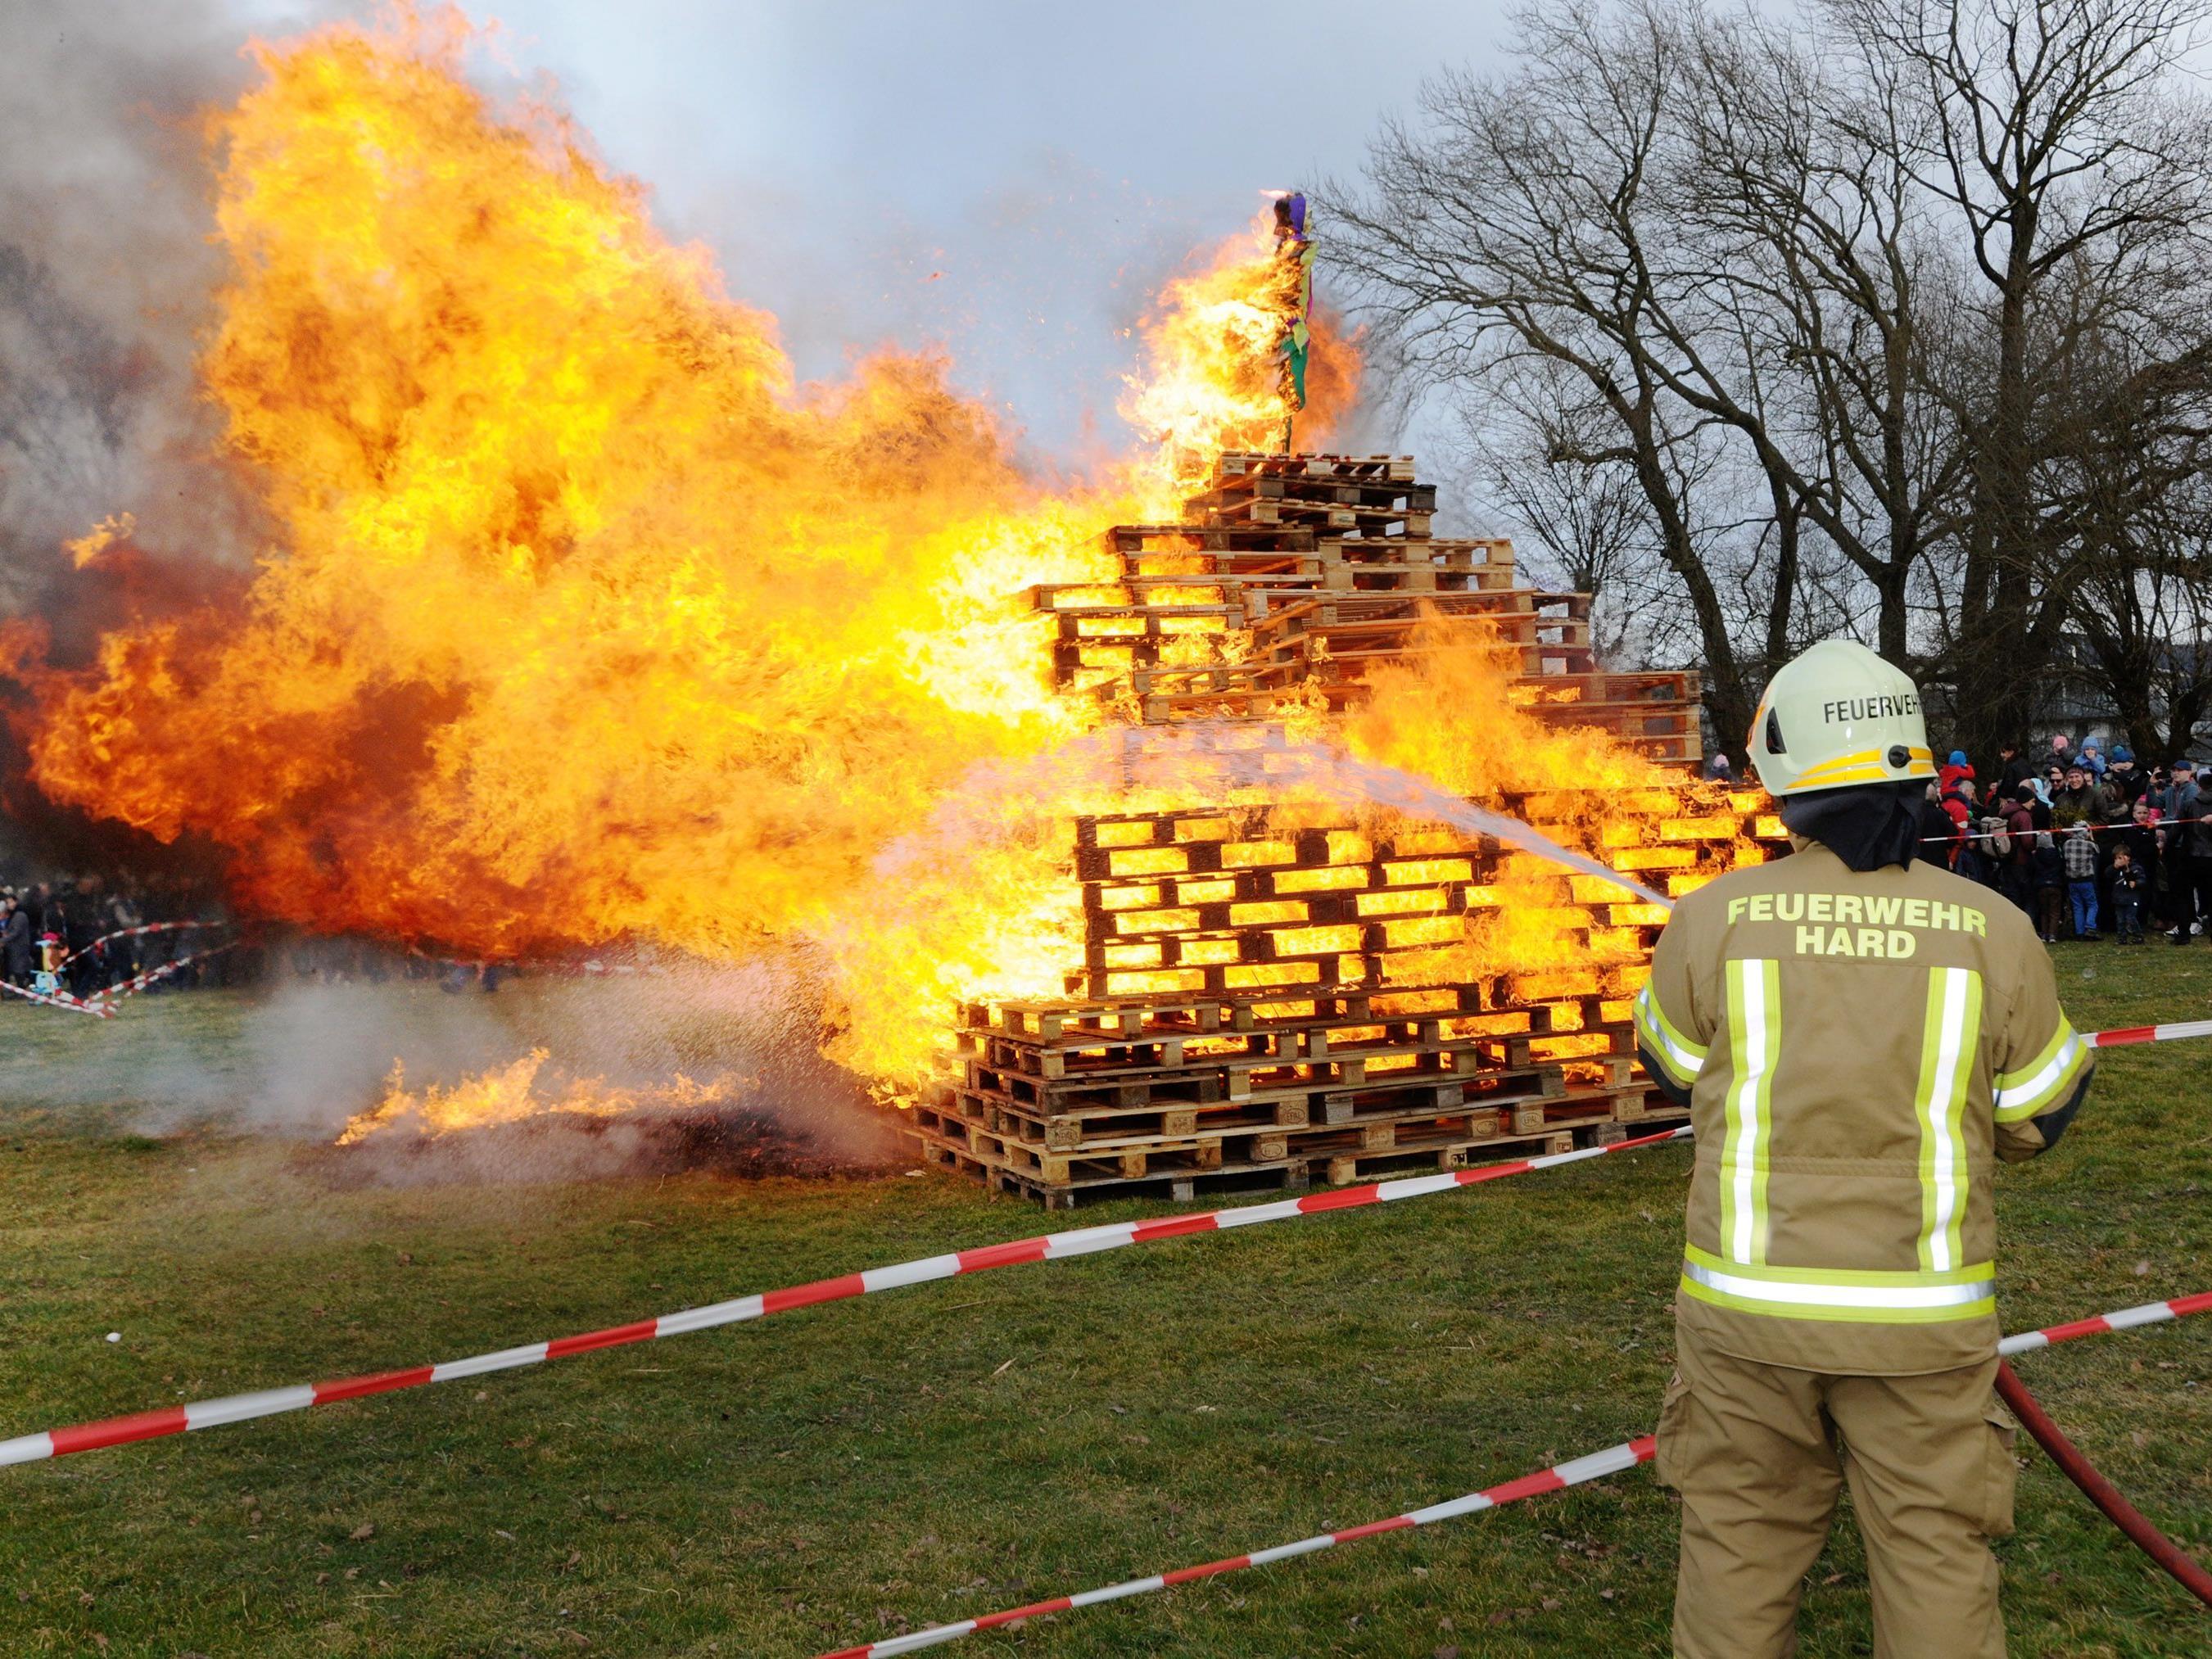 Weil der Föhnsturm tobte, mussten die Flammenstöße von der Feuerwehr etwas eingedämmt werden.